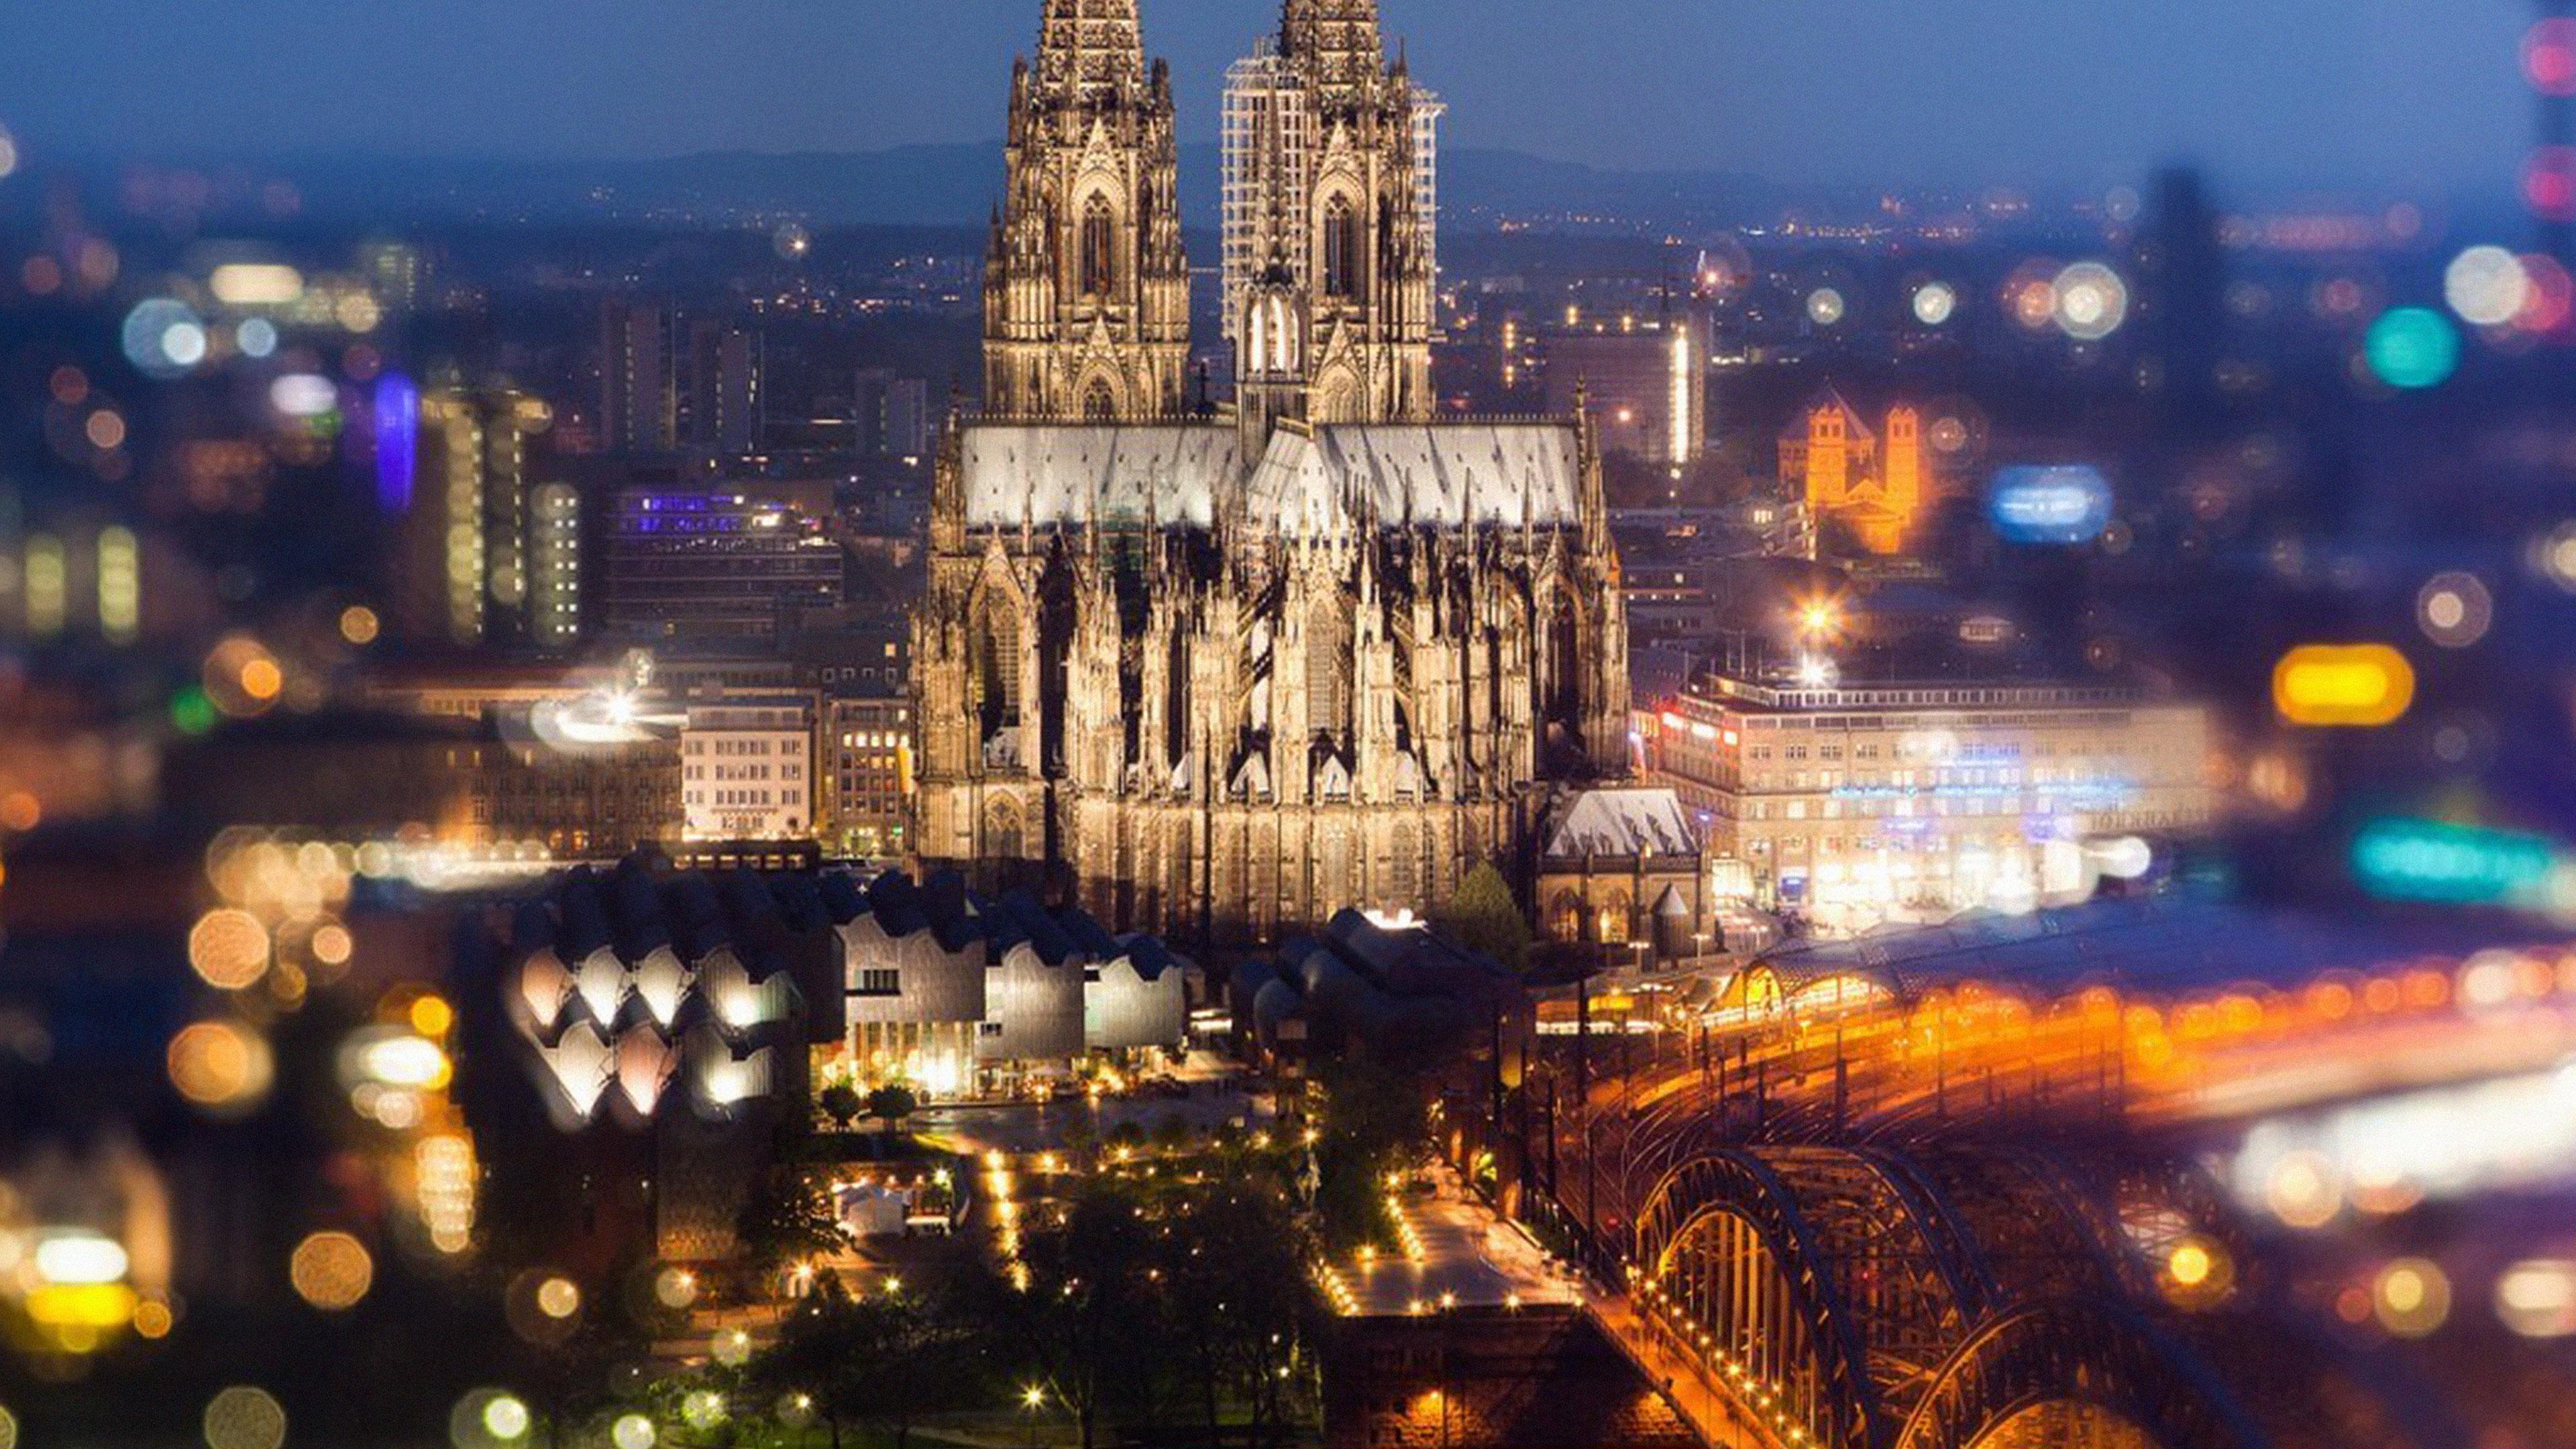 wallpaper for desktop, laptop | mj20-cologne-cathedral ...